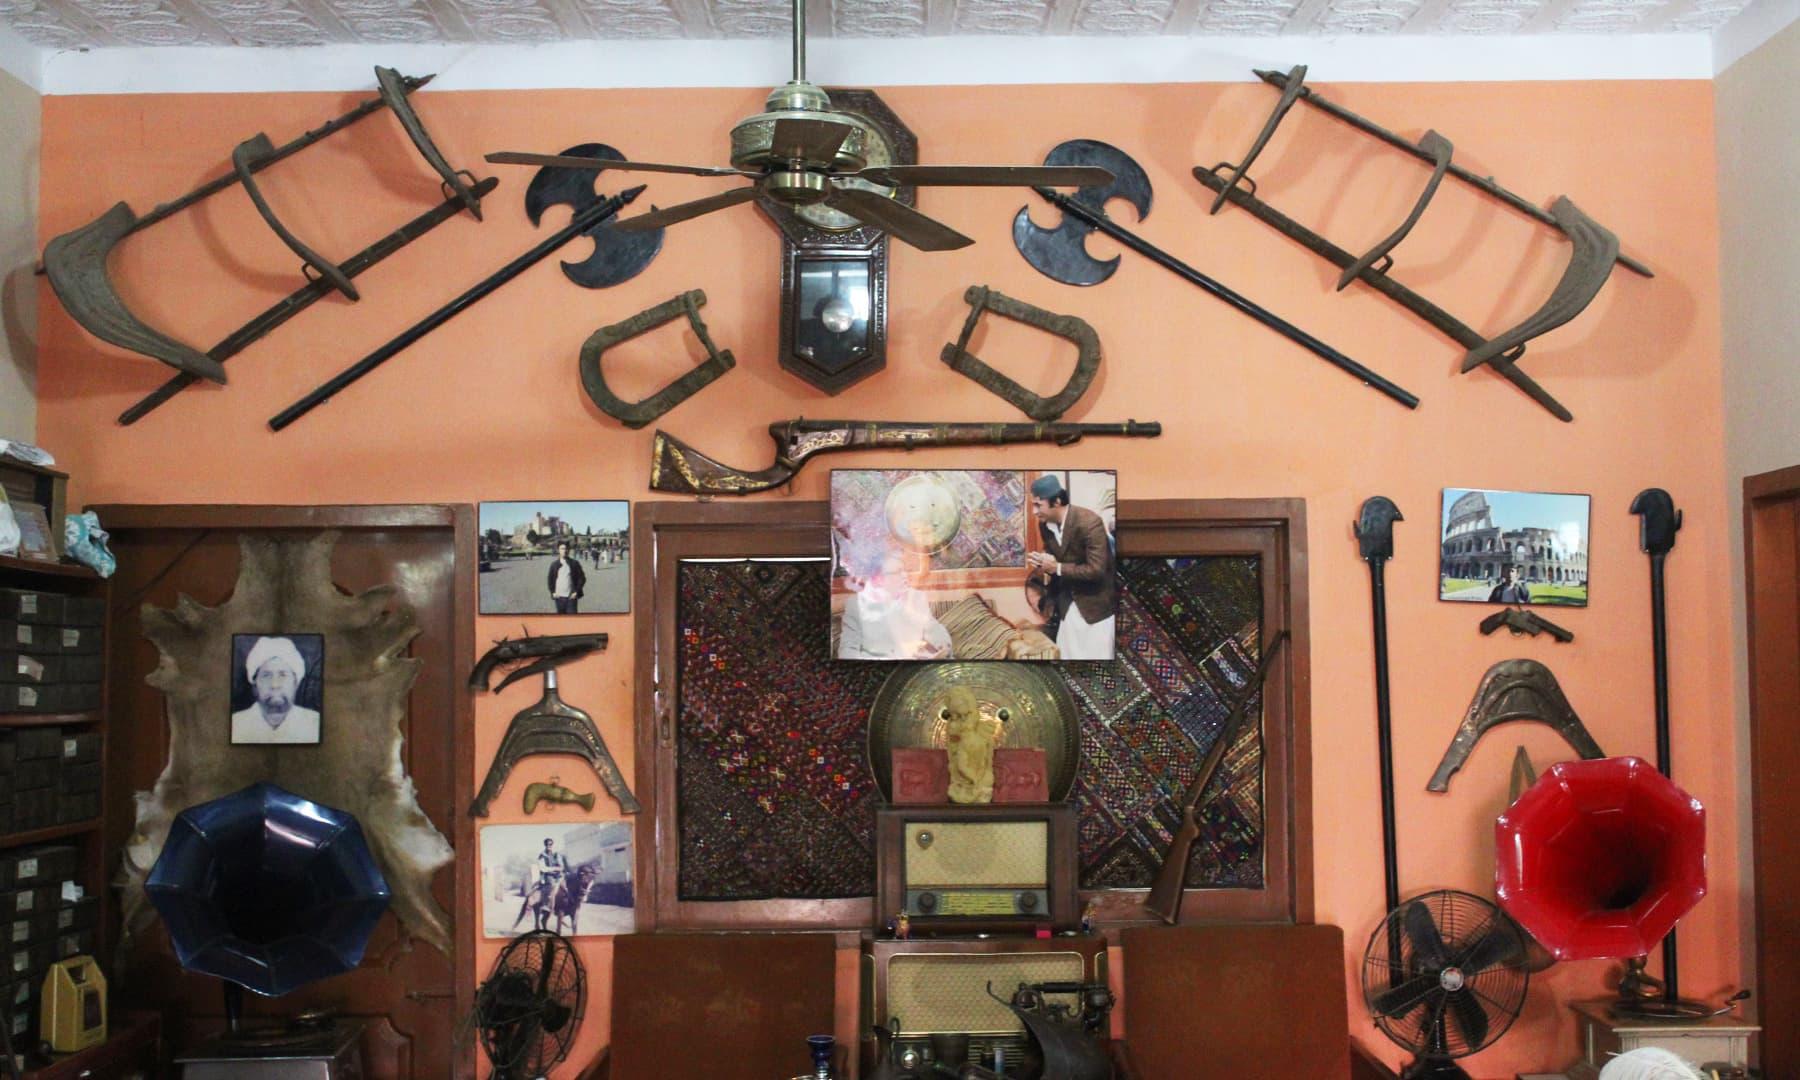 دیوار پر آویزاں حر تحریک میں استعمال ہونے والی ایک بندوق — تصویر اختر حفیظ